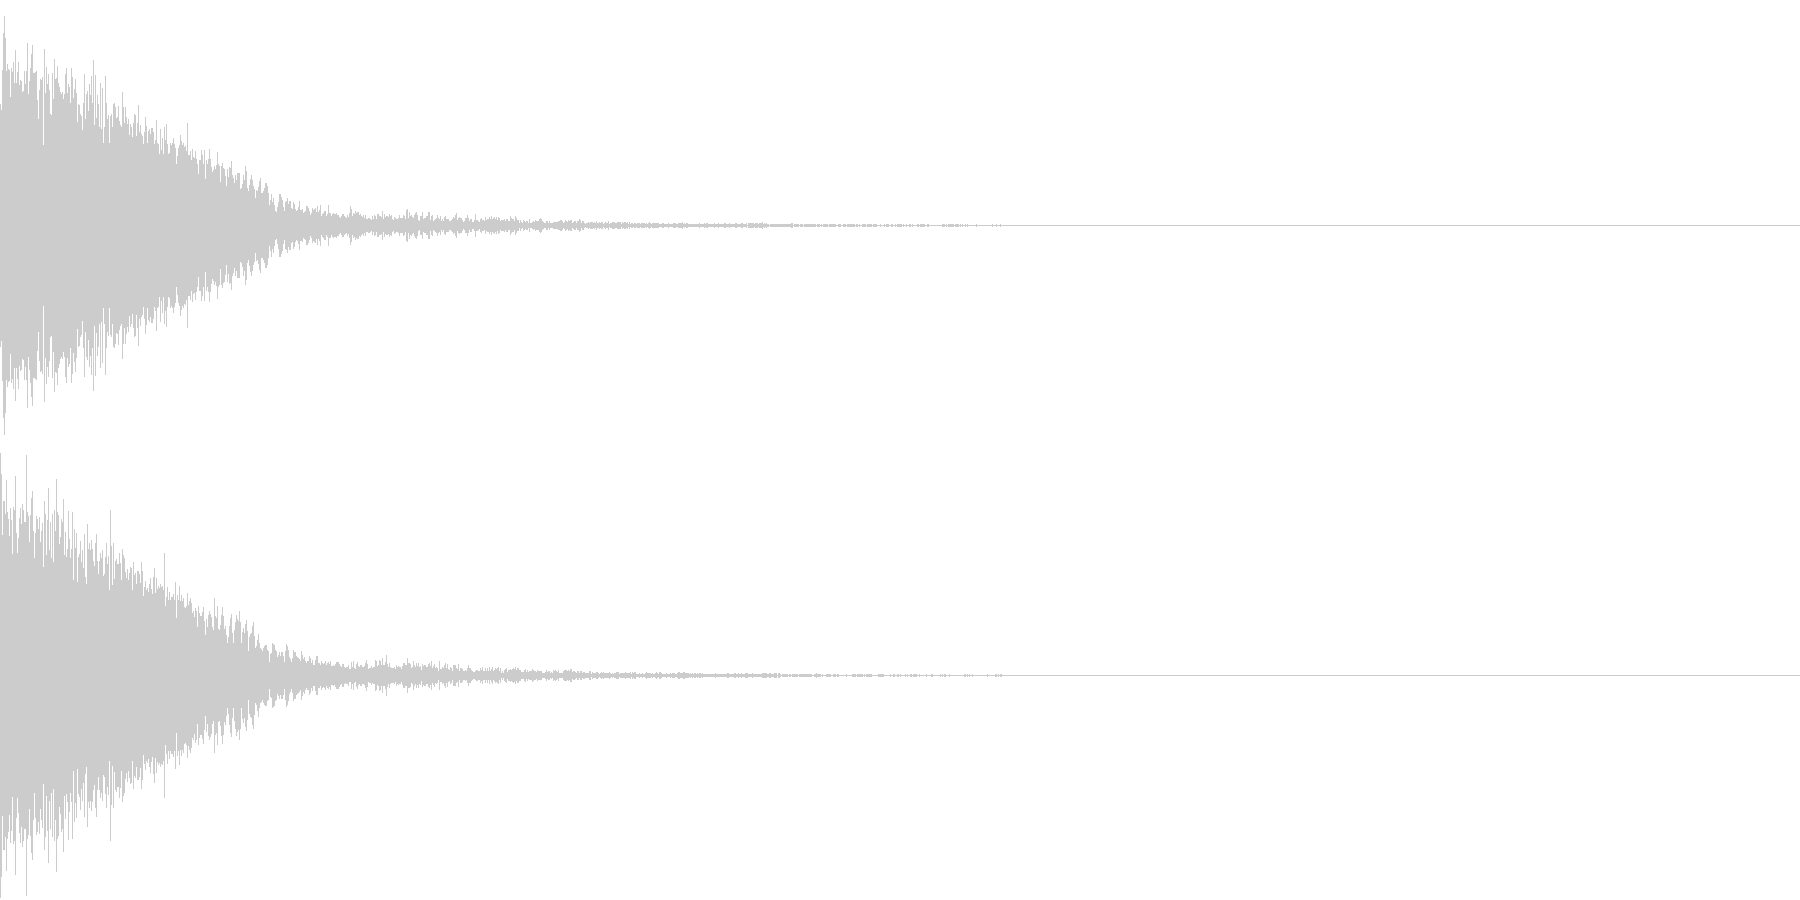 刀 剣 カキーン シャキーン 目立つ16の未再生の波形